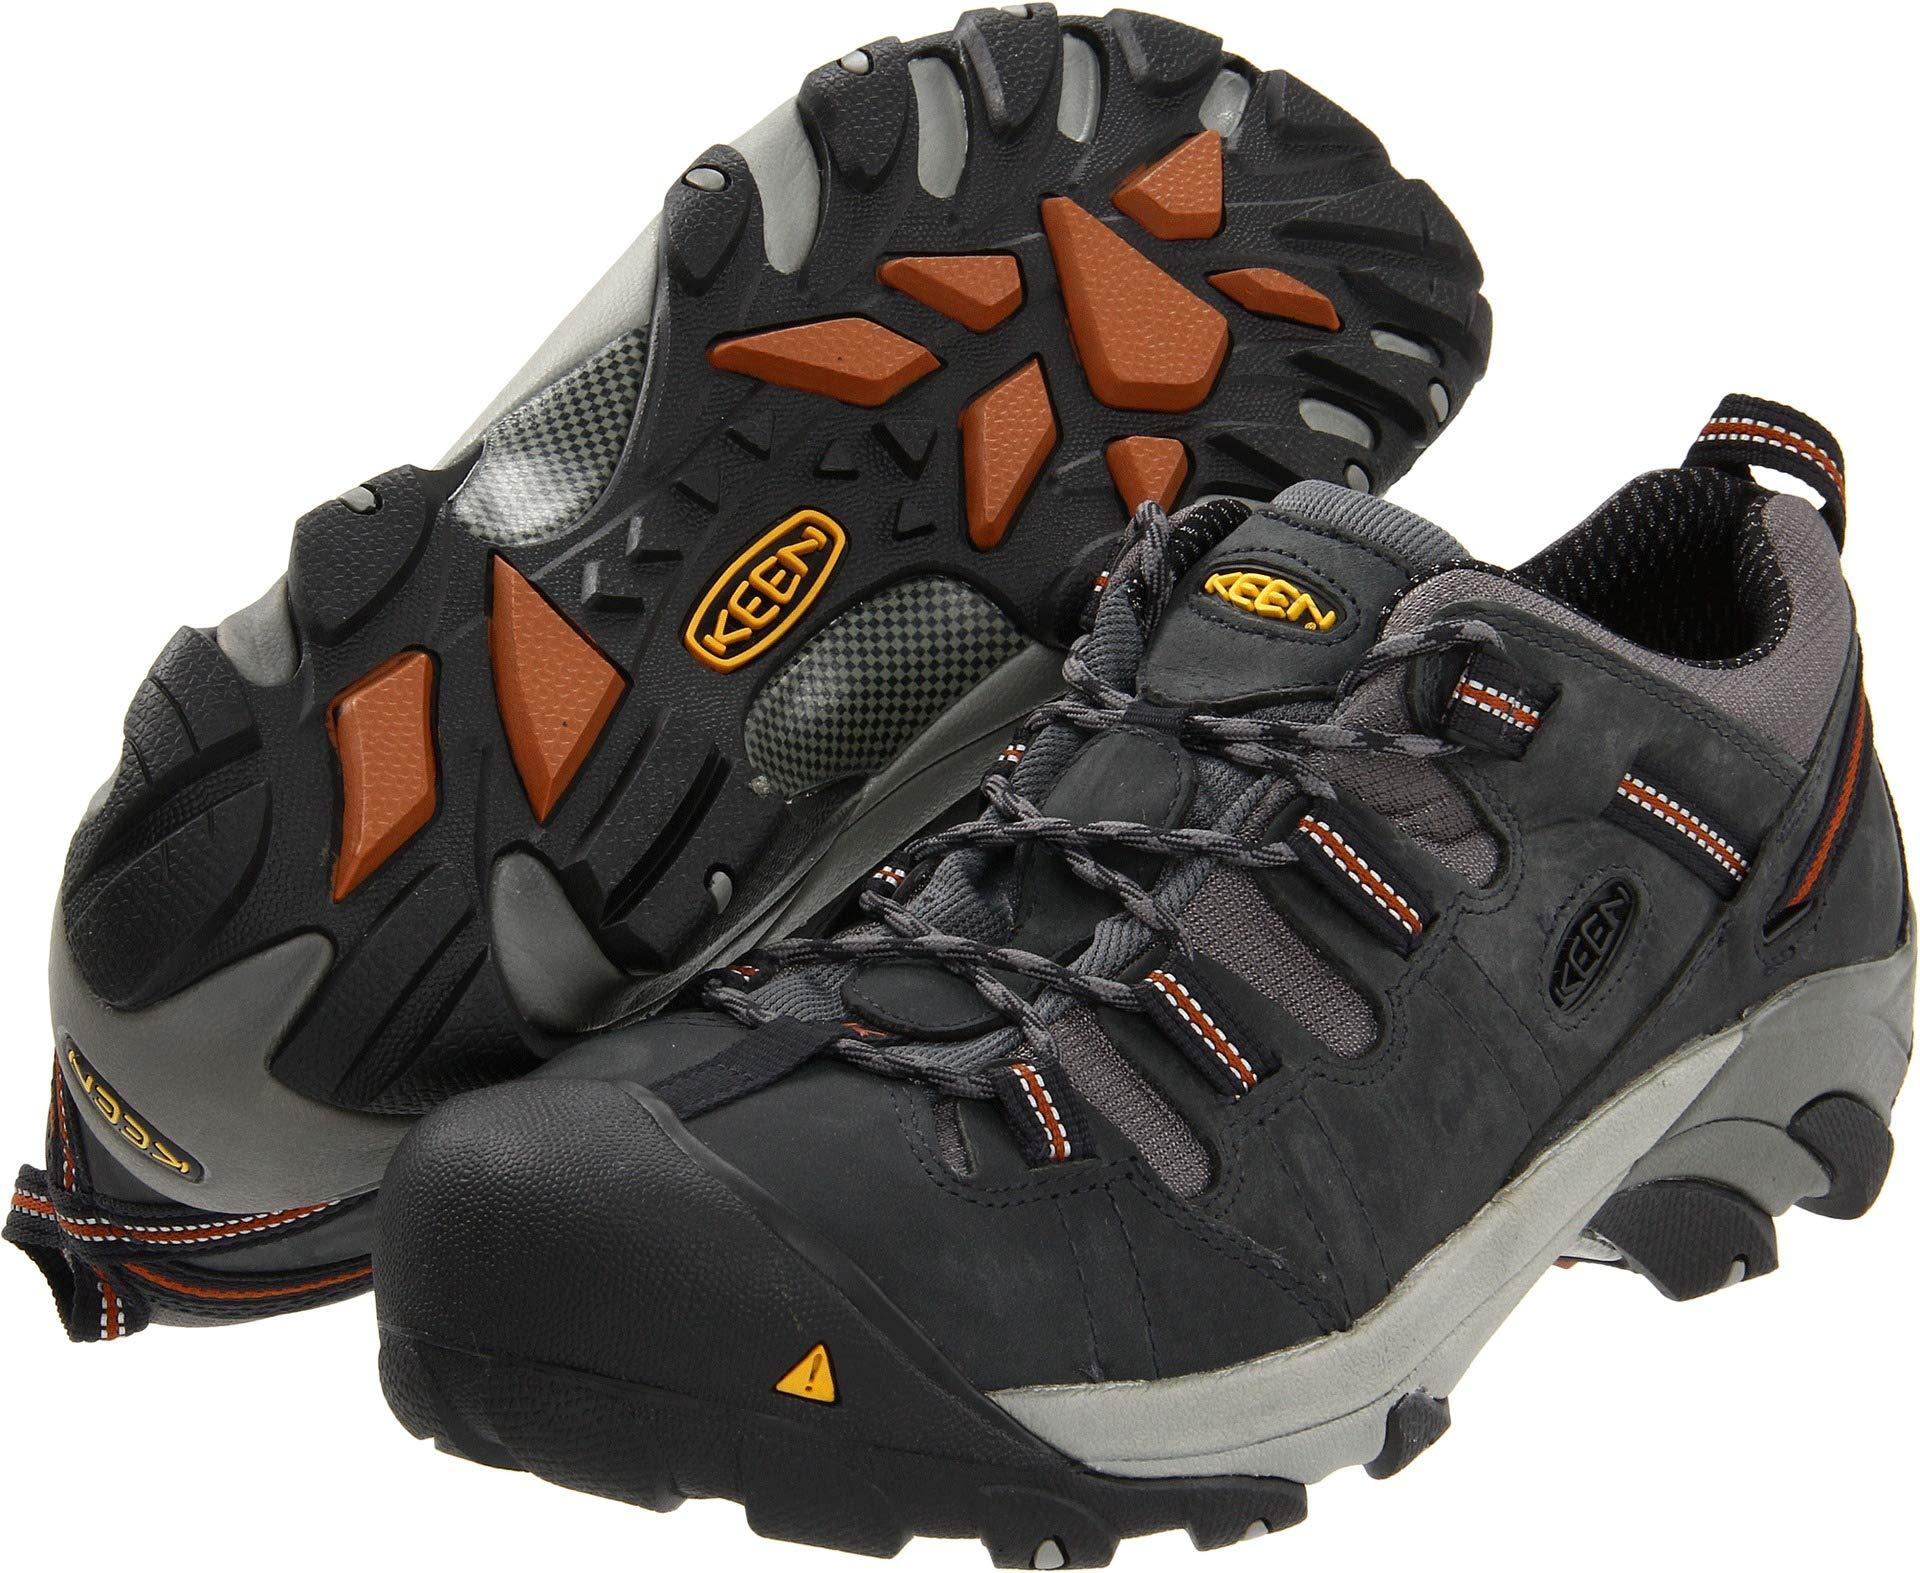 KEEN Utility Men's Detroit Low Steel Toe Shoe,Peacoat,10.5 D US